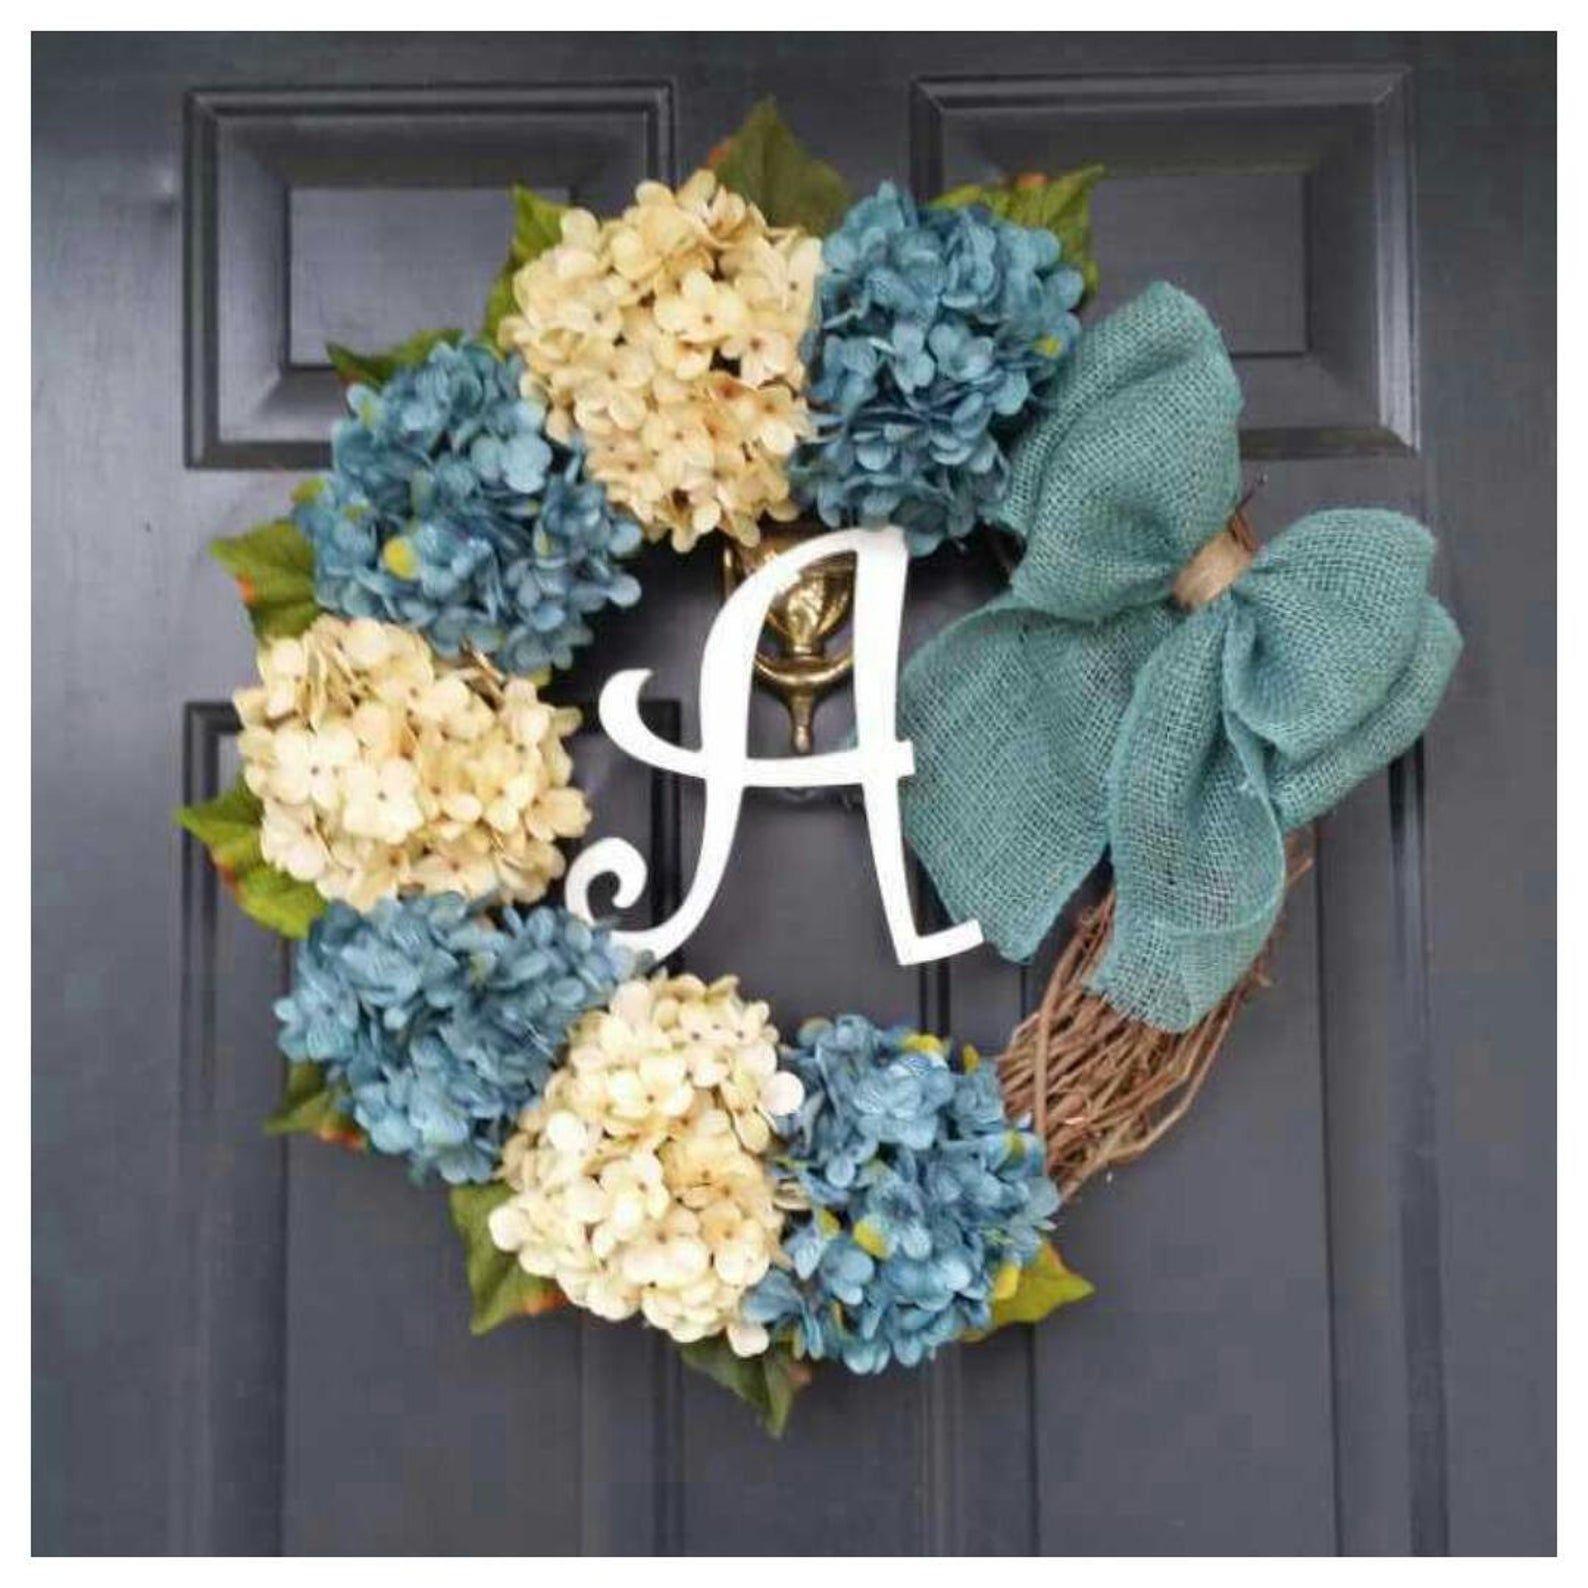 Spring Wreaths Turquoise Blue Hydrangea Wreath With Turquoise Etsy In 2020 Door Wreaths Burlap Door Wreaths Spring Door Wreaths